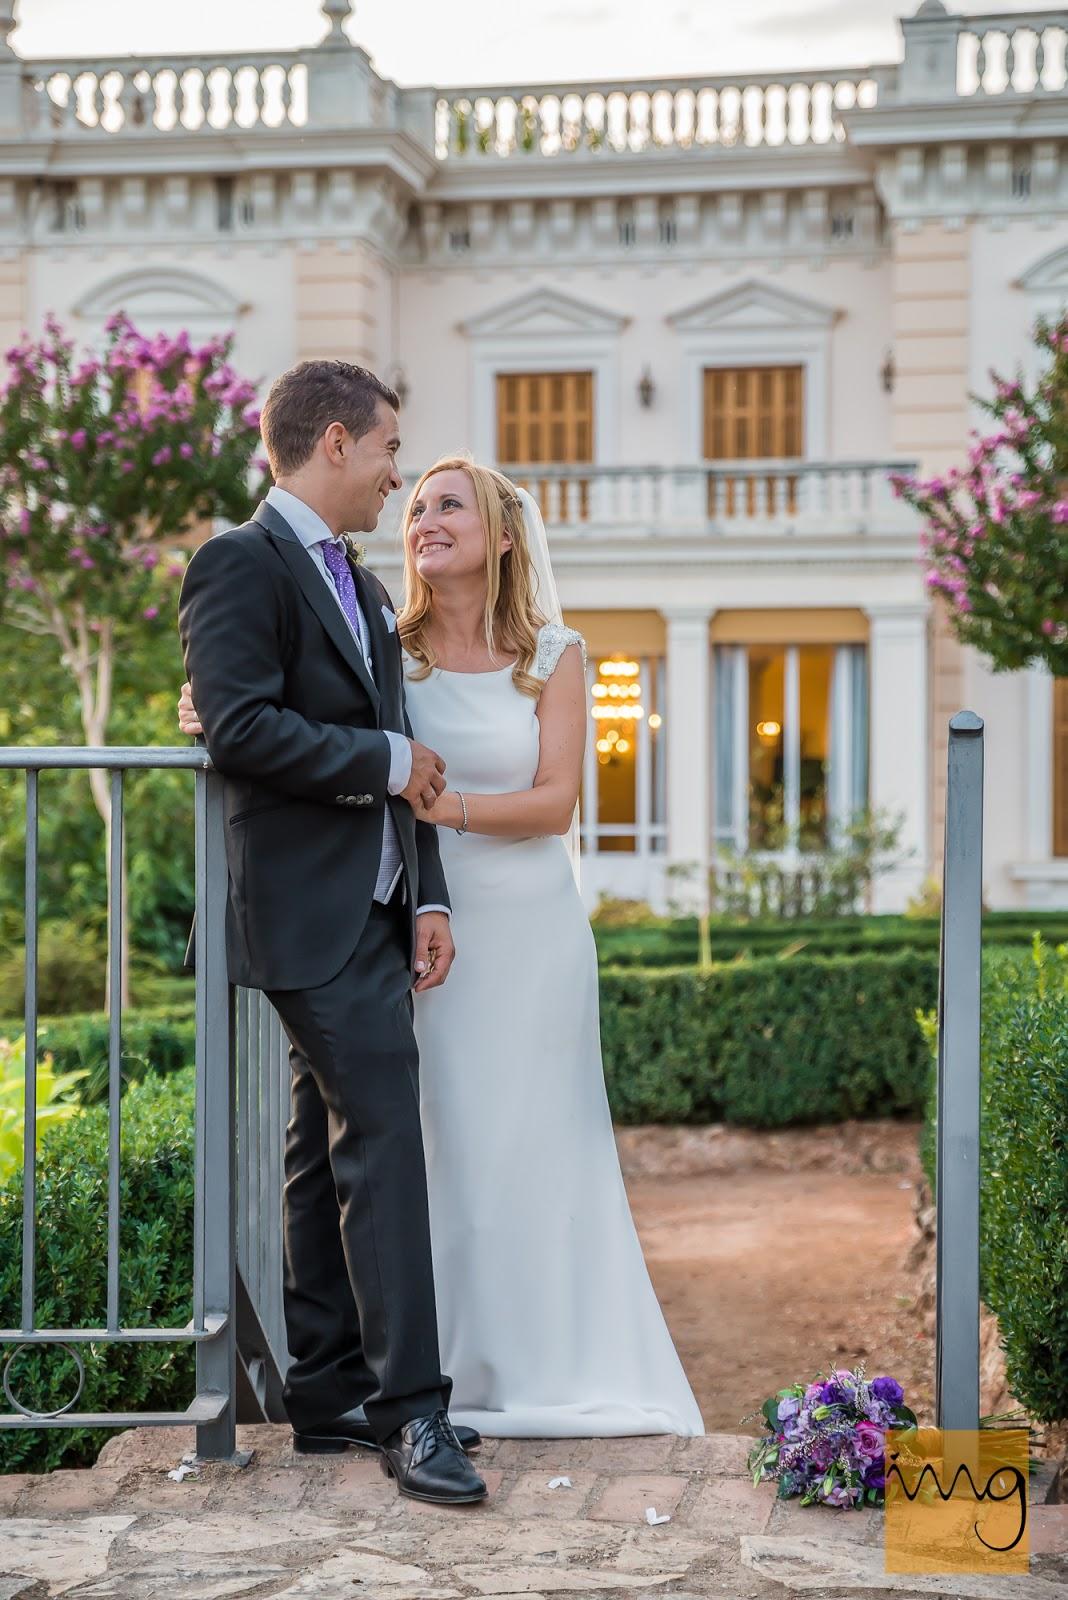 Fotografía de boda con el Palacio Quinta Alegre de Granada de fondo